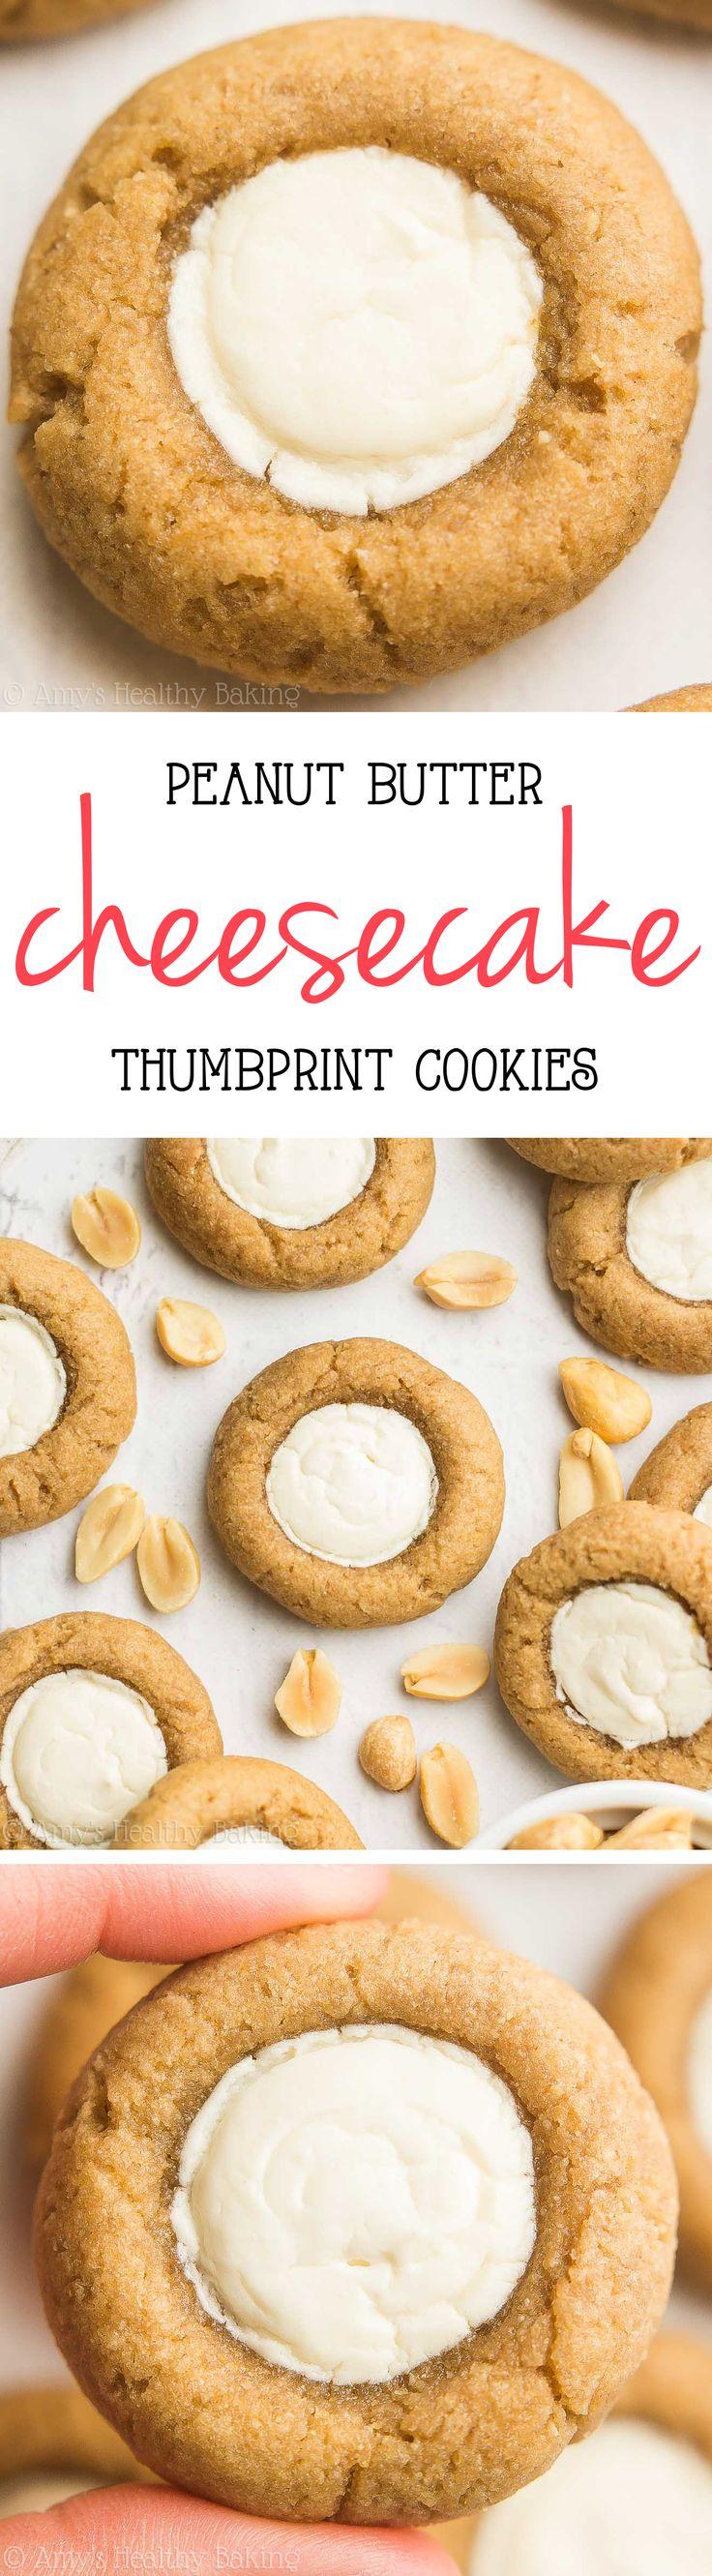 No es mala idea, para hacer con mi receta, pero ponerle pastel de queso en vez de mermelada... Cheesecake Thumbprint Cookies